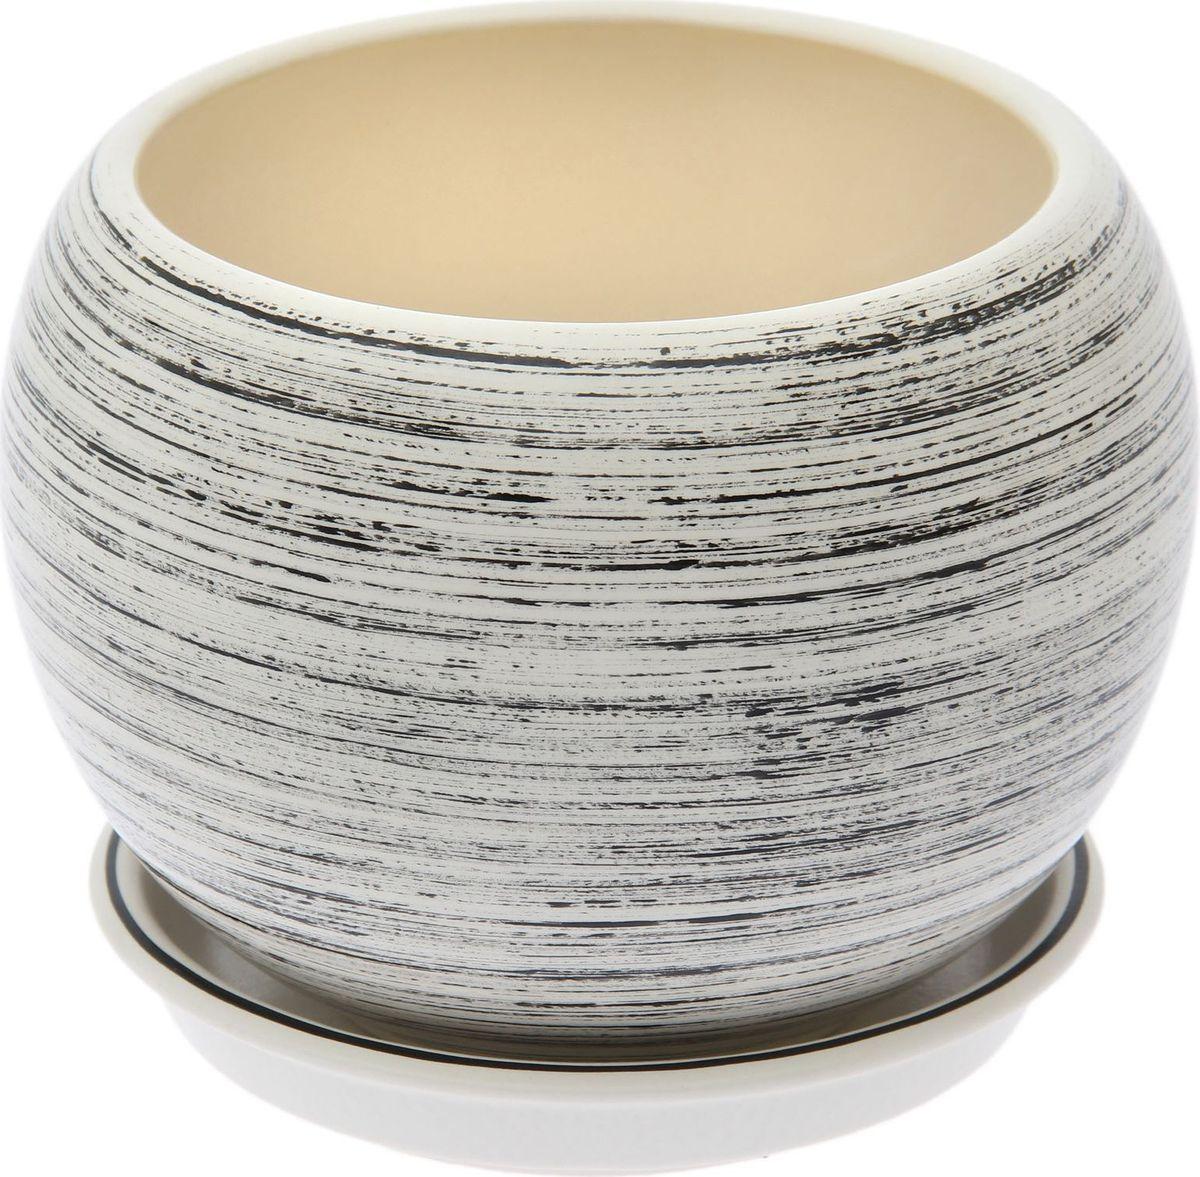 Декоративное кашпо, выполненное из высококачественной керамики, предназначено для посадки декоративных растений и станет прекрасным украшением для дома. Пористый материал позволяет испаряться лишней влаге, а воздух, необходимый для дыхания корней, проникает сквозь керамические стенки. Такое кашпо украсит окружающее пространство и подчеркнет его оригинальный стиль.